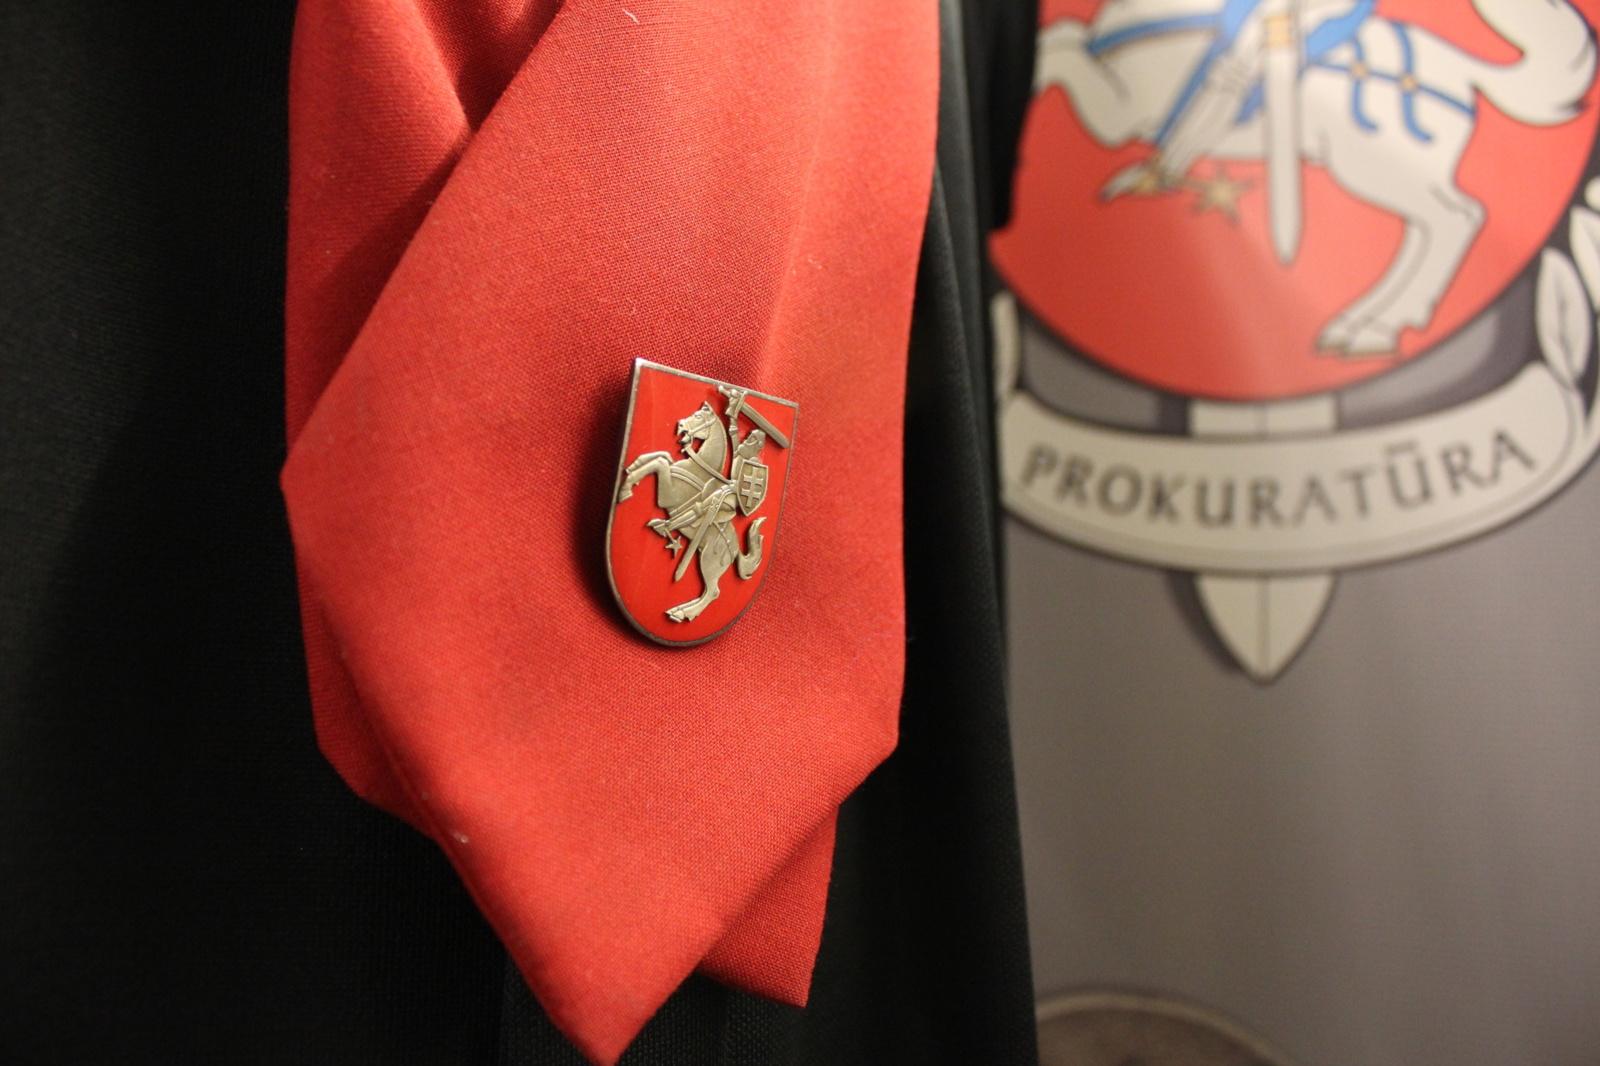 Prokuratūra prašo pratęsti suėmimą N. Venckienei